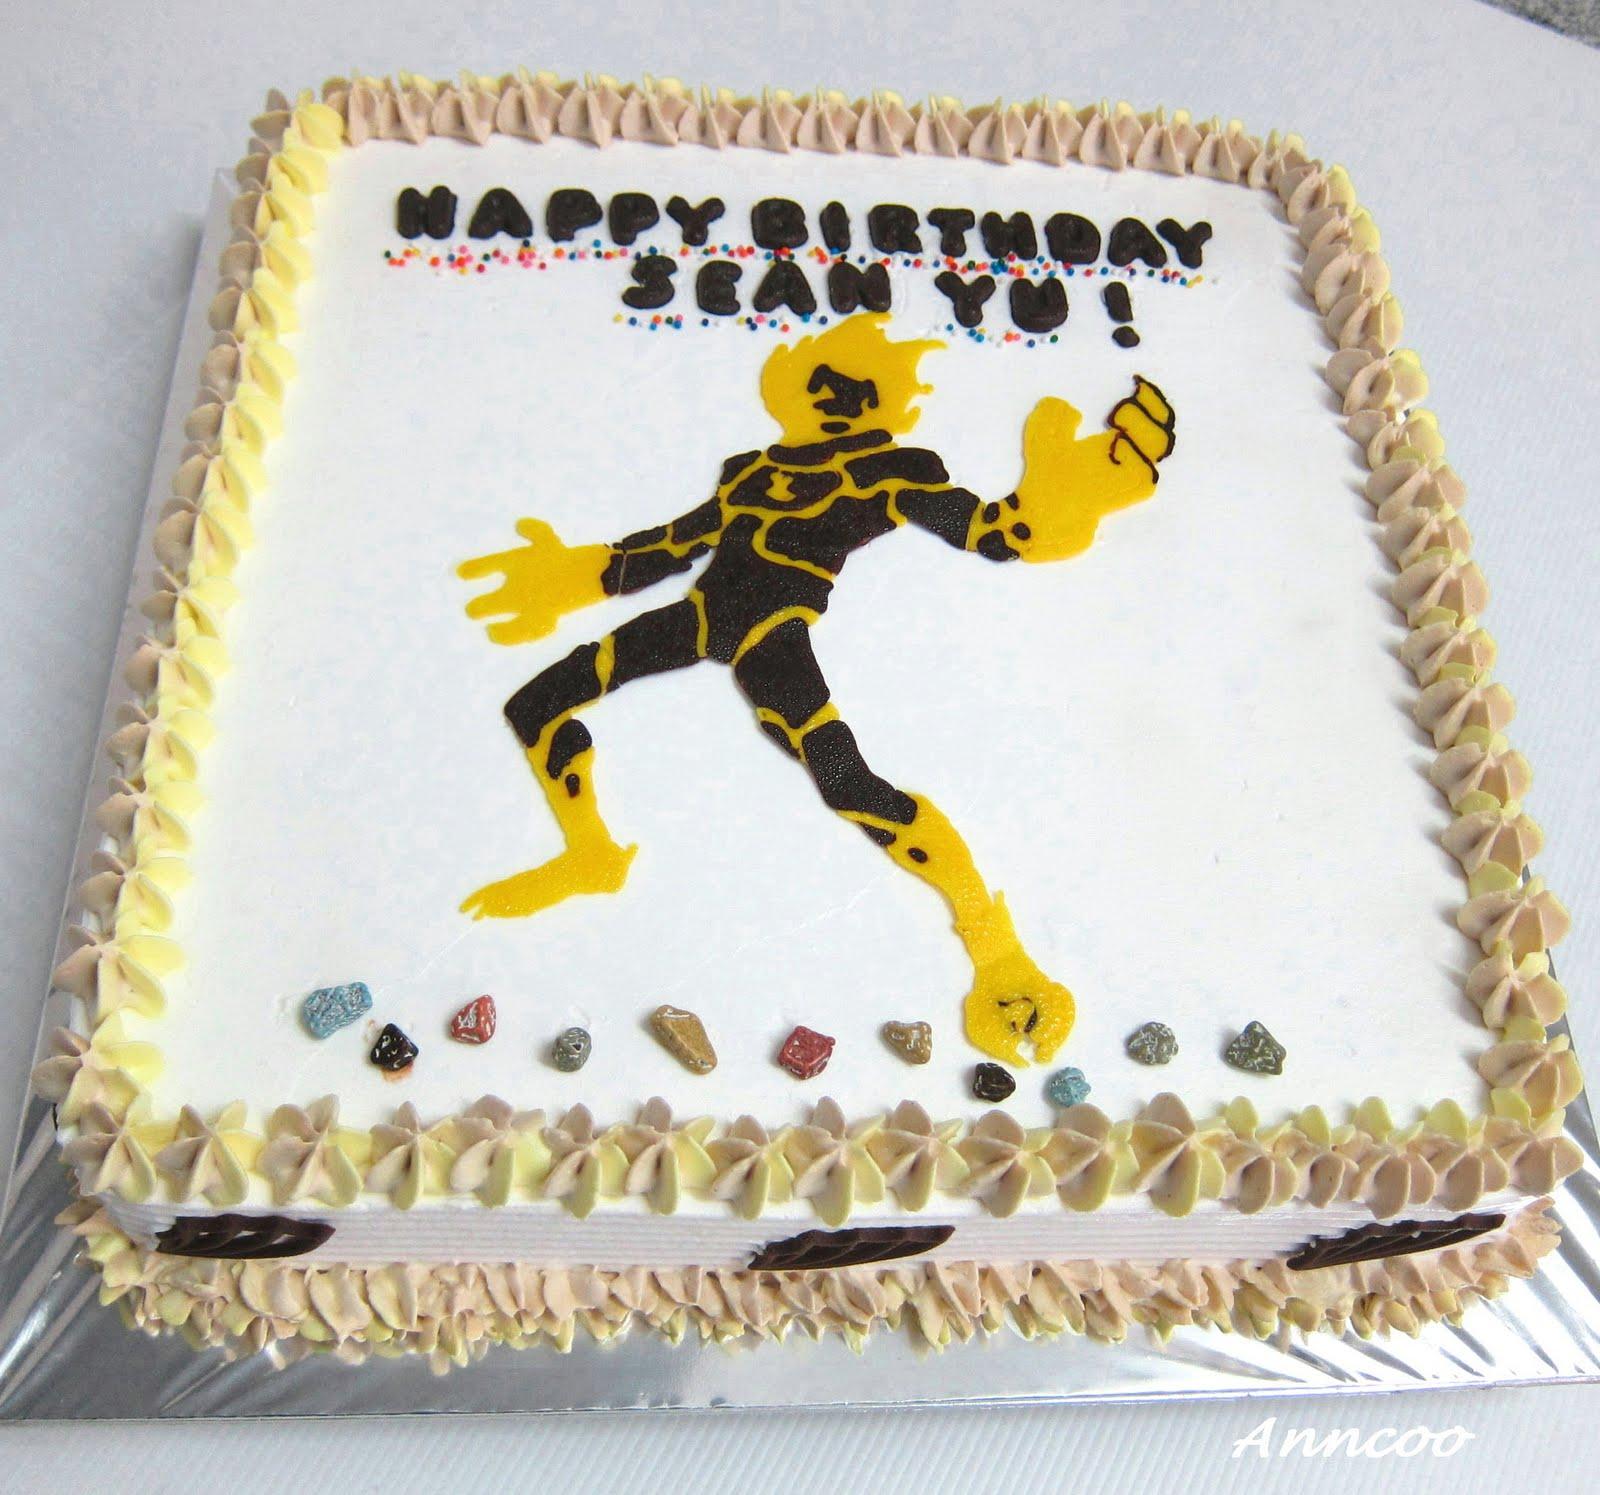 Birthday Cake Ben 10 Heatblast Anncoo Journal